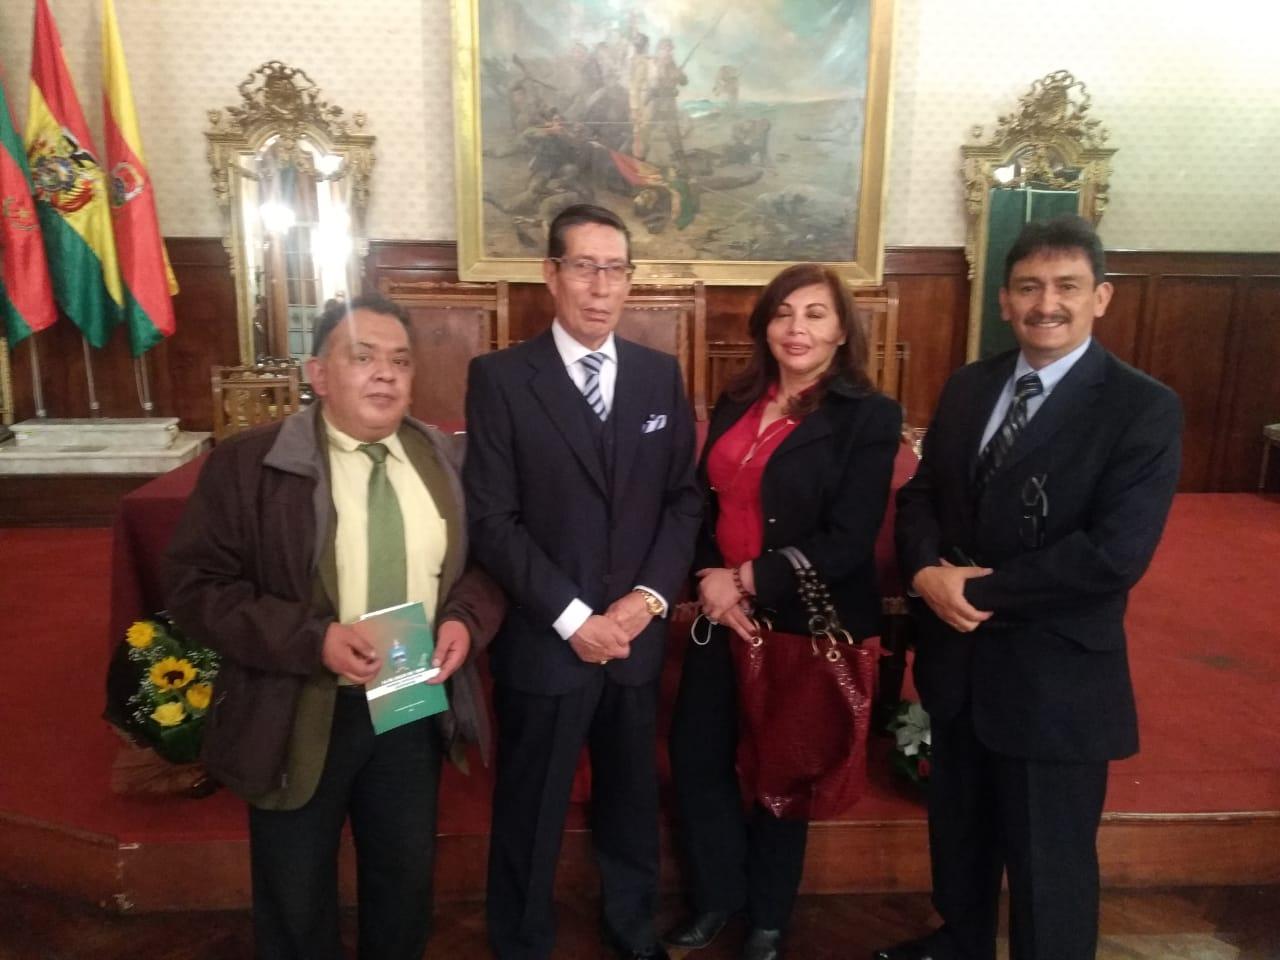 John Rios Victor Hugo Garcia Sulma Cabrera Jaime Prieto